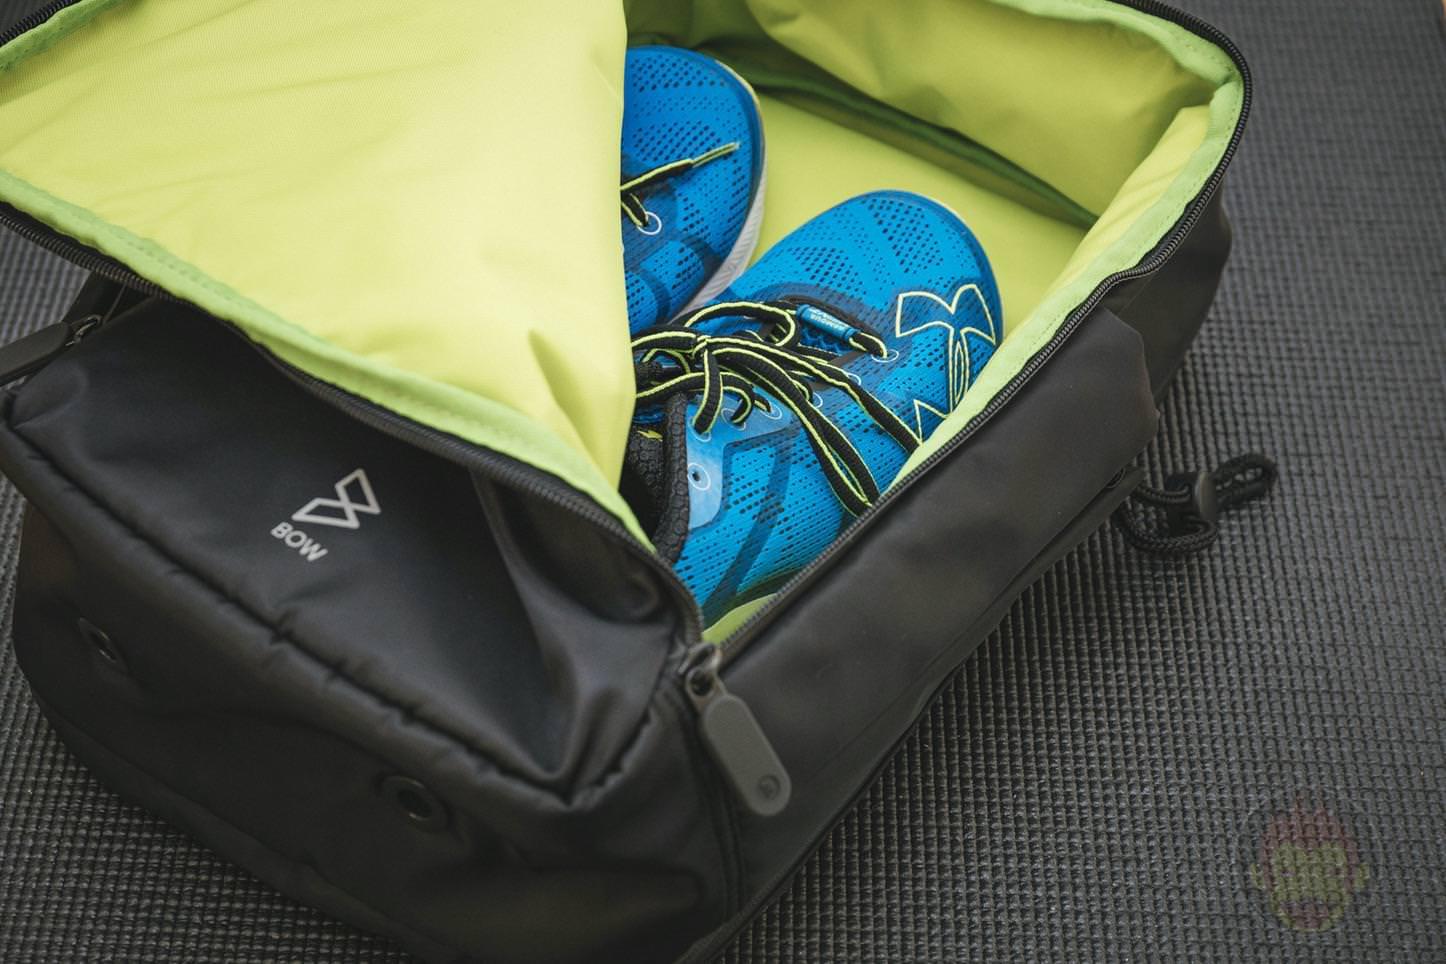 Quiver-Gym-Splashproof-Shoulder-Bag-31.jpg